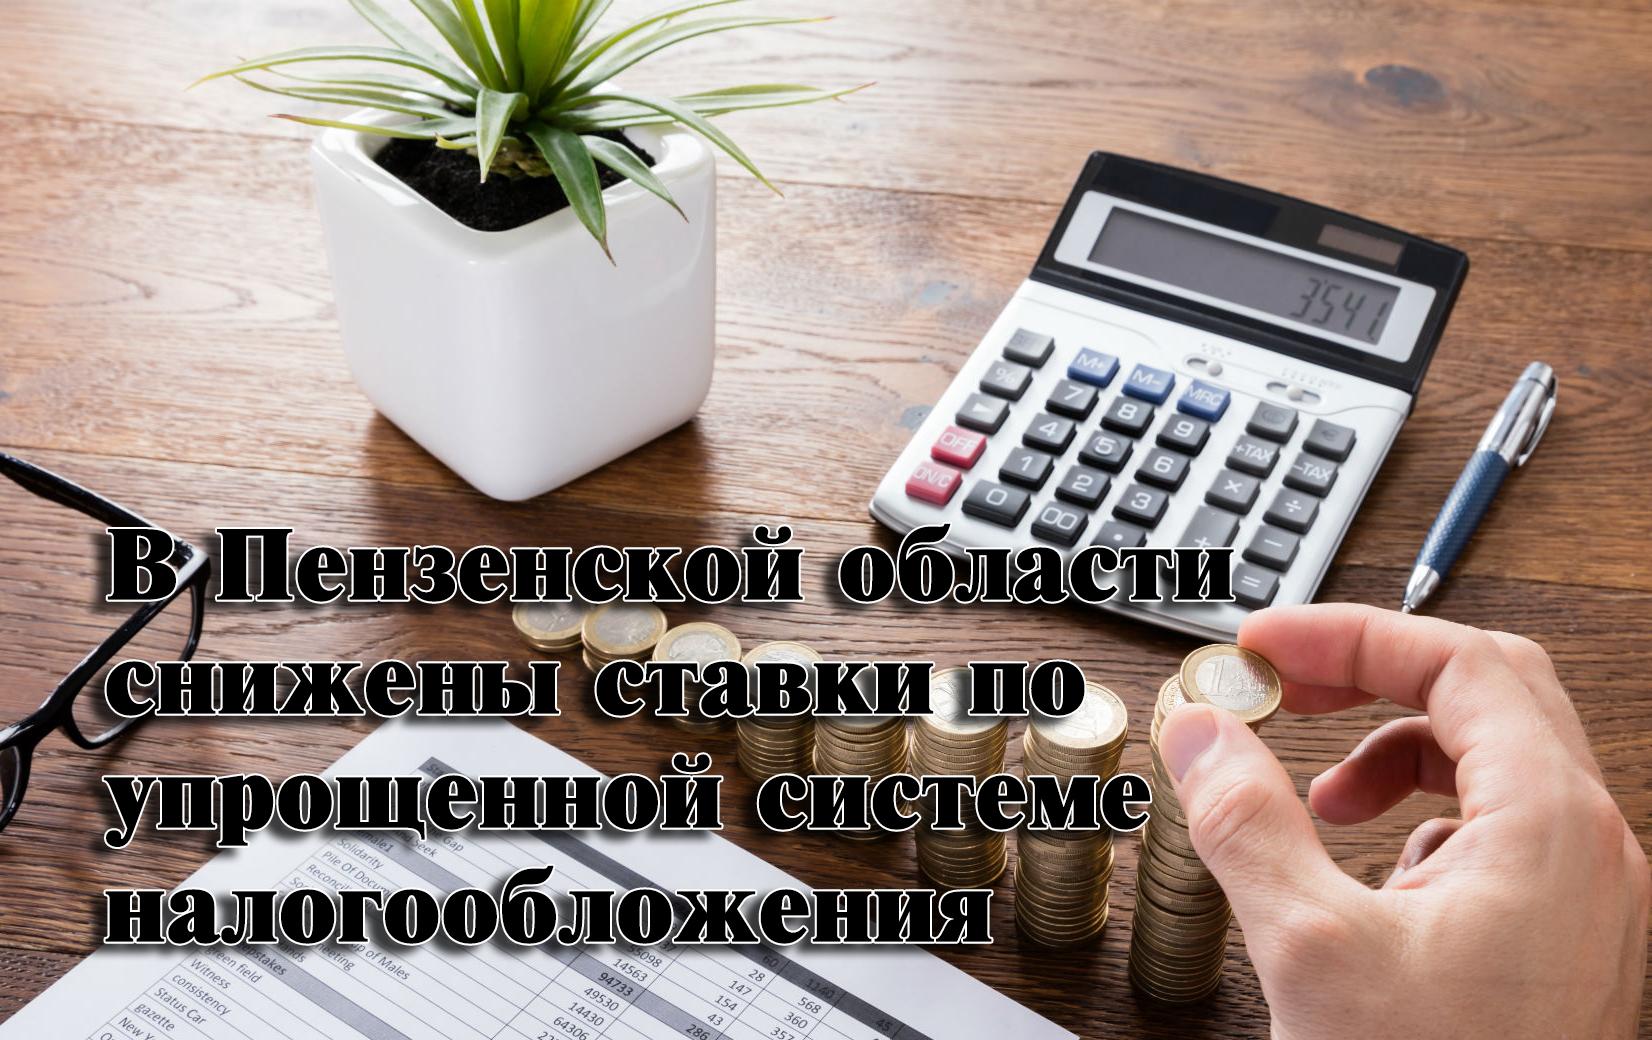 С 1 января 2021 года  установлены пониженные налоговые ставки по упрощенной системе налогообложения